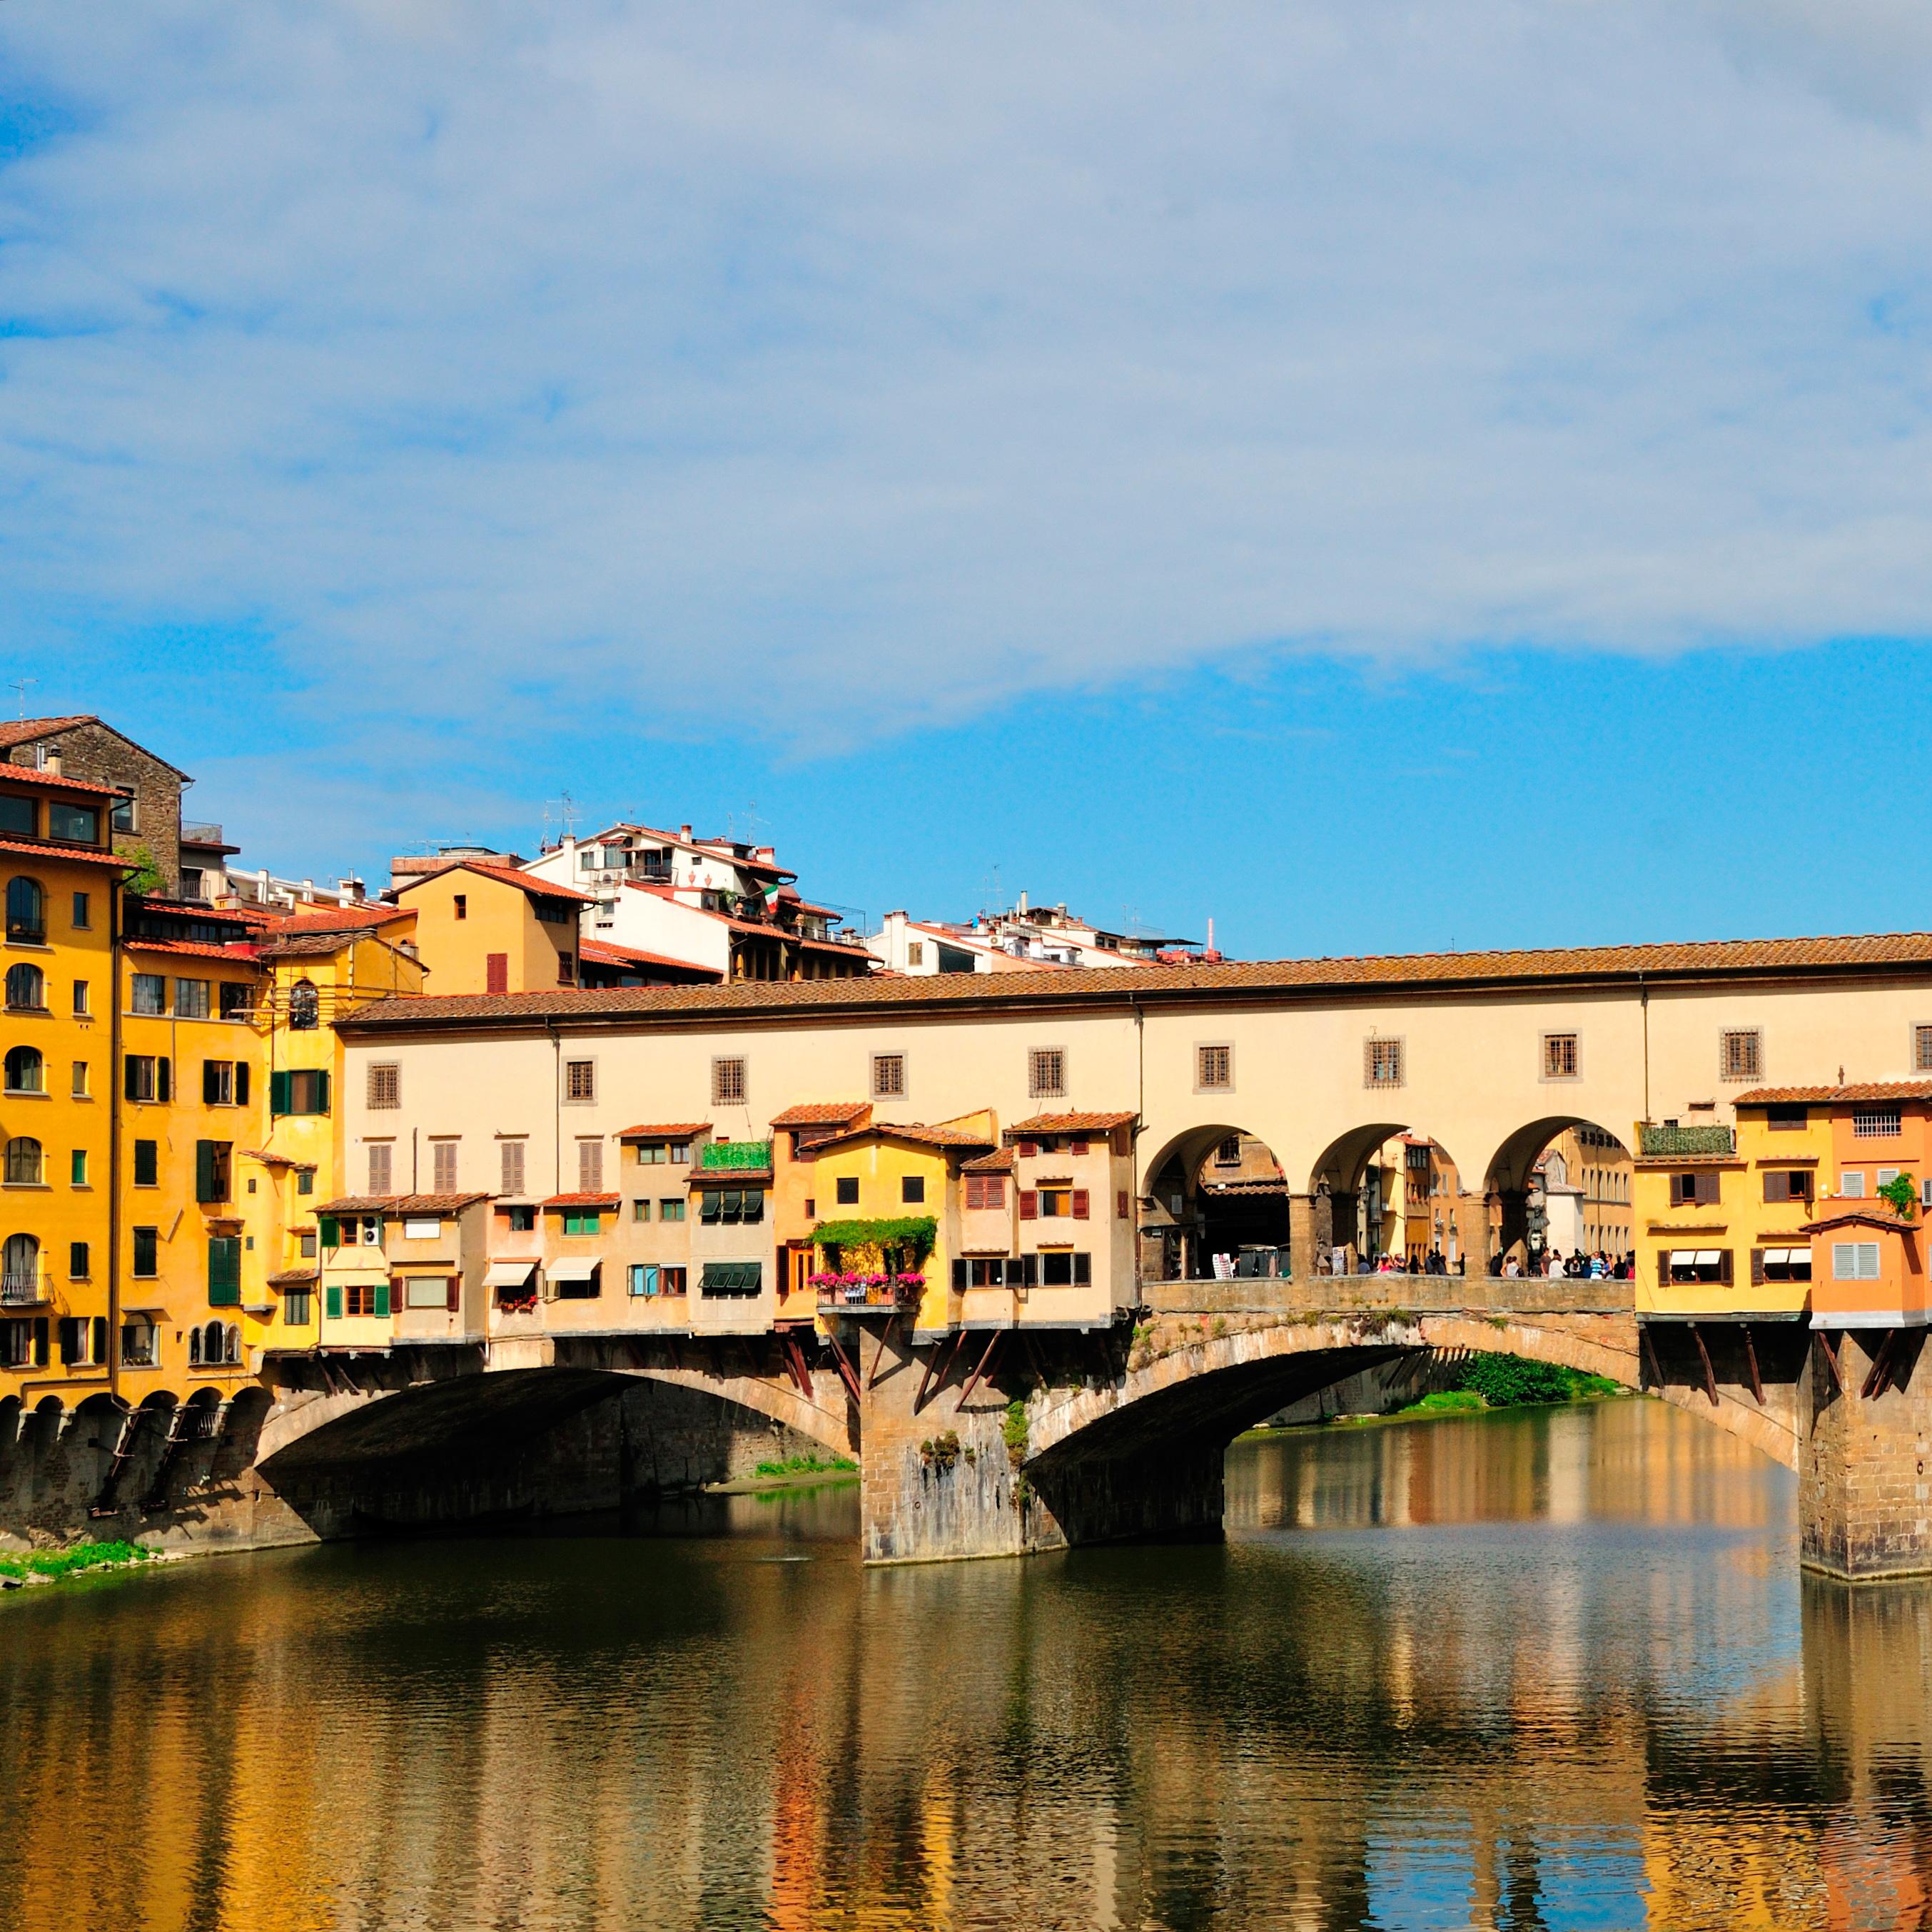 Florencia - Pisa (Livorno)